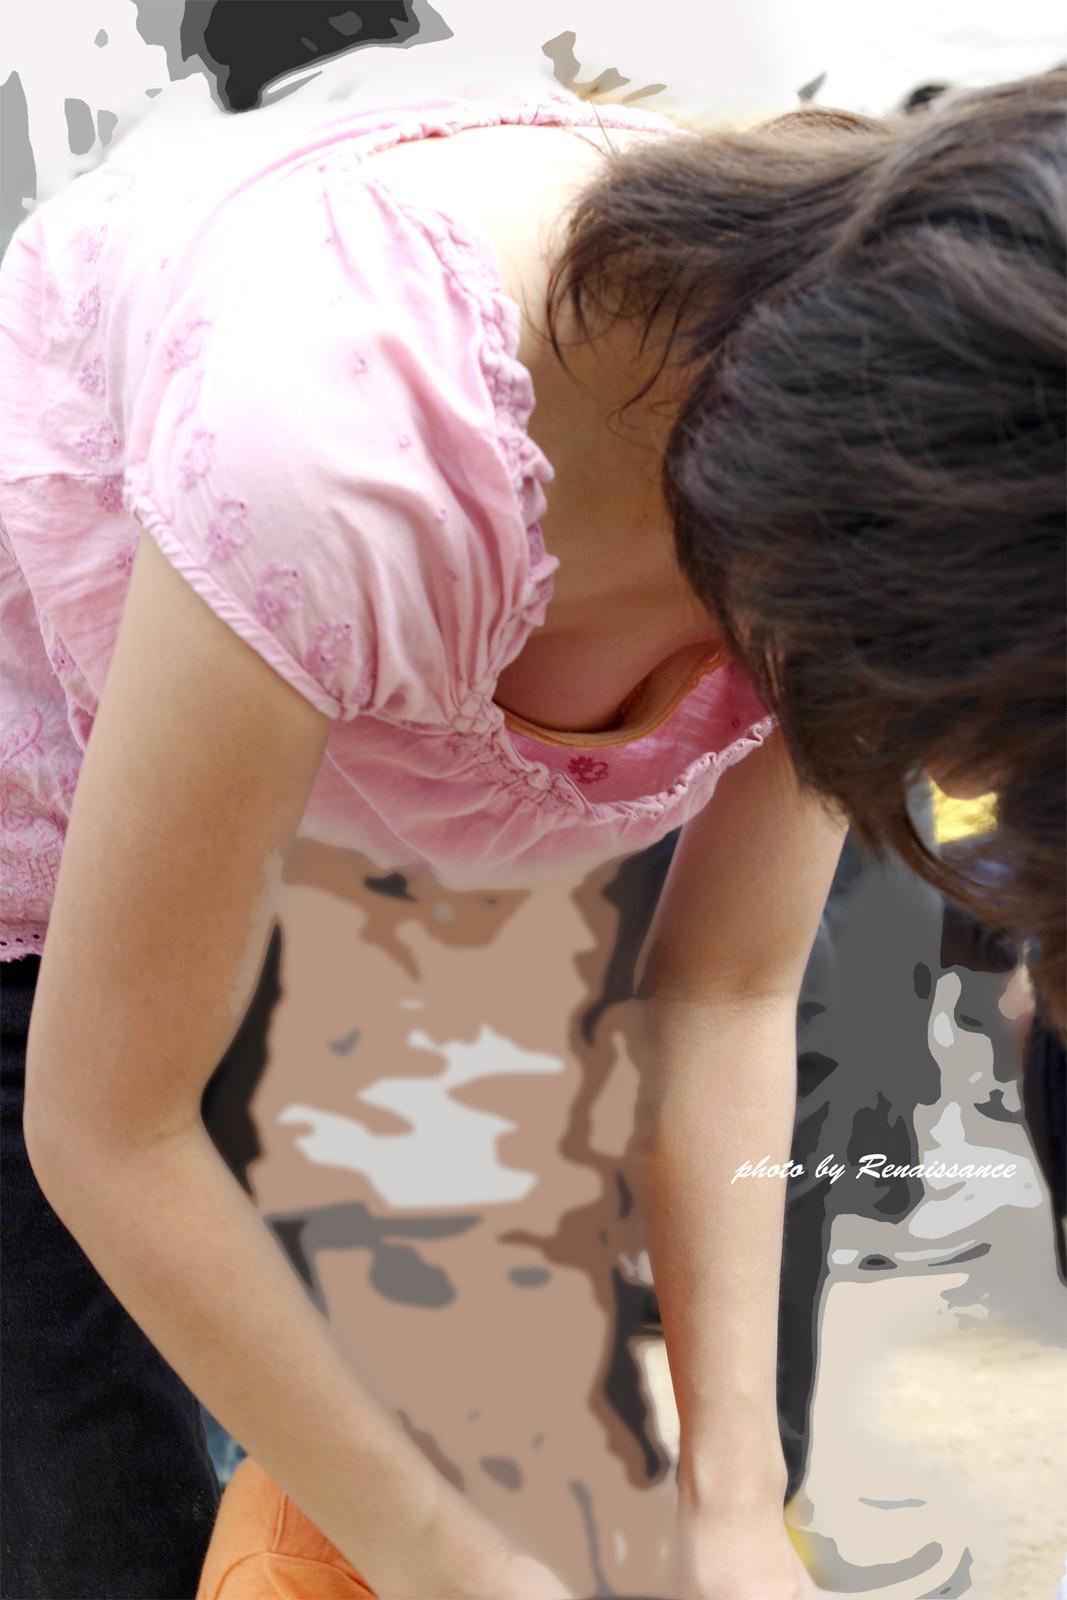 【胸チラエロ画像】仲が進展するきっかけに!?誰にも言えない乳首チラ報告(*´д`*)